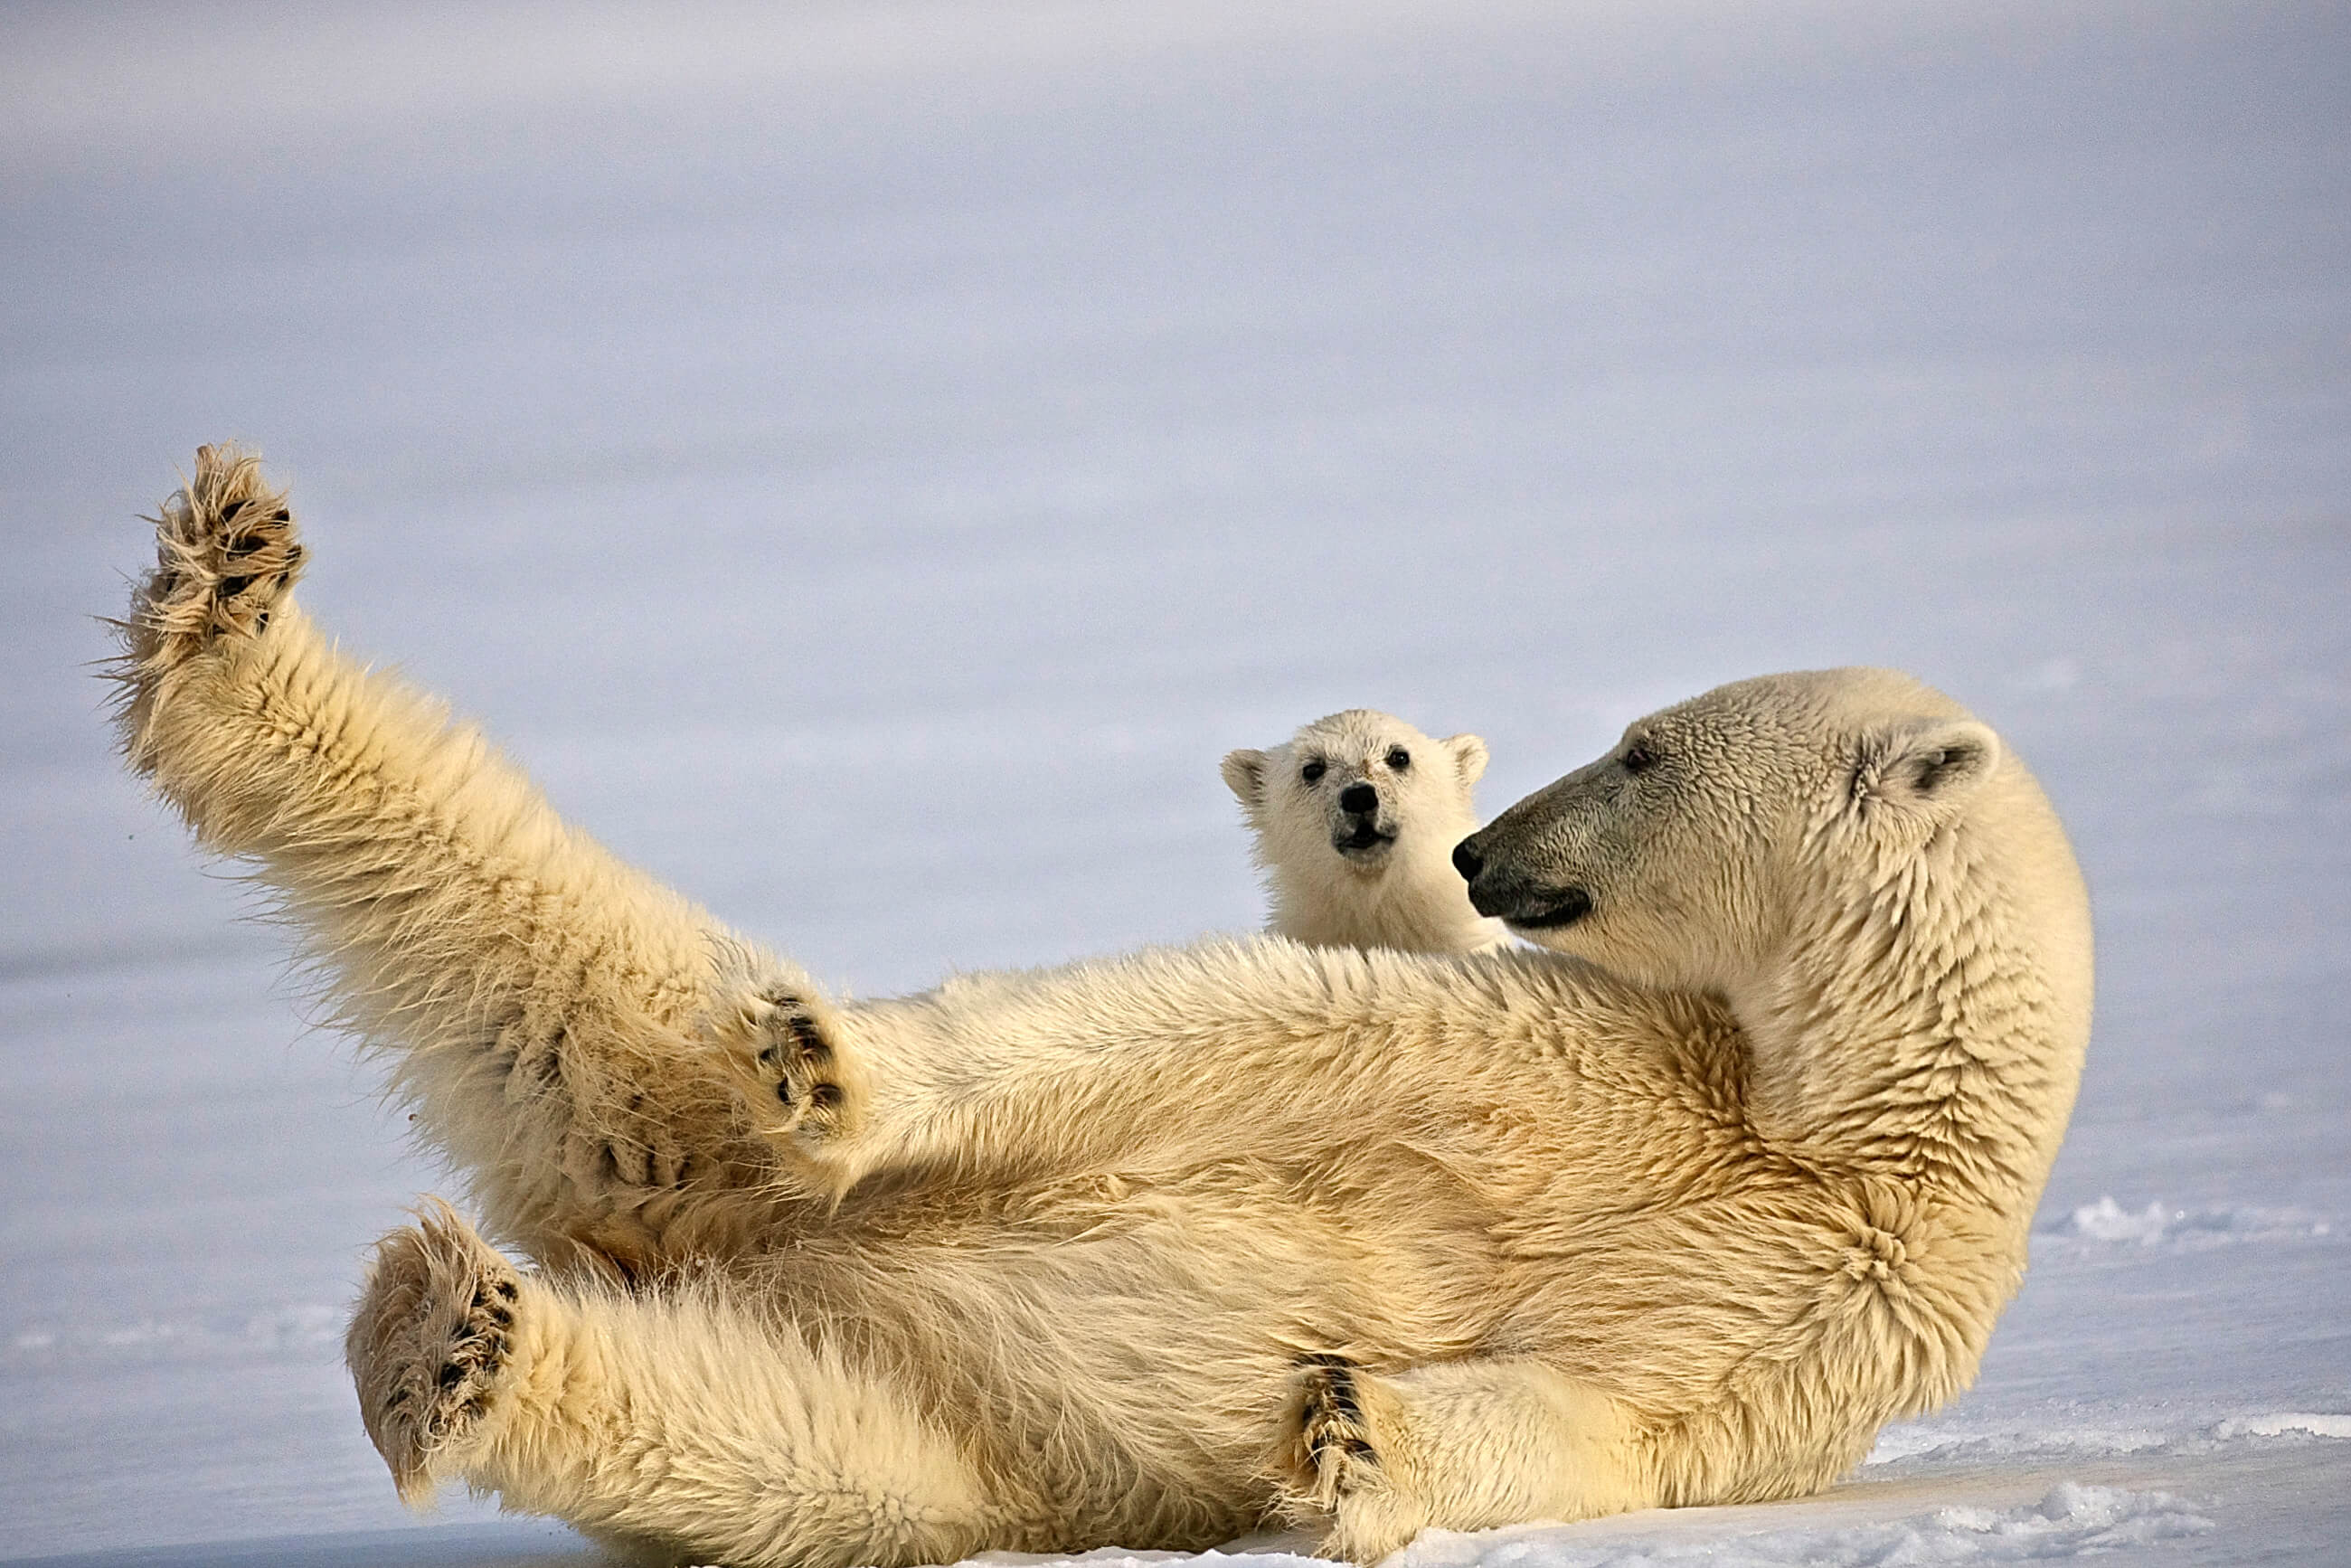 https://bubo.sk/uploads/galleries/7362/polar-bear-svalbard-hgr-31897--photo_dominic_barrington-3.jpg